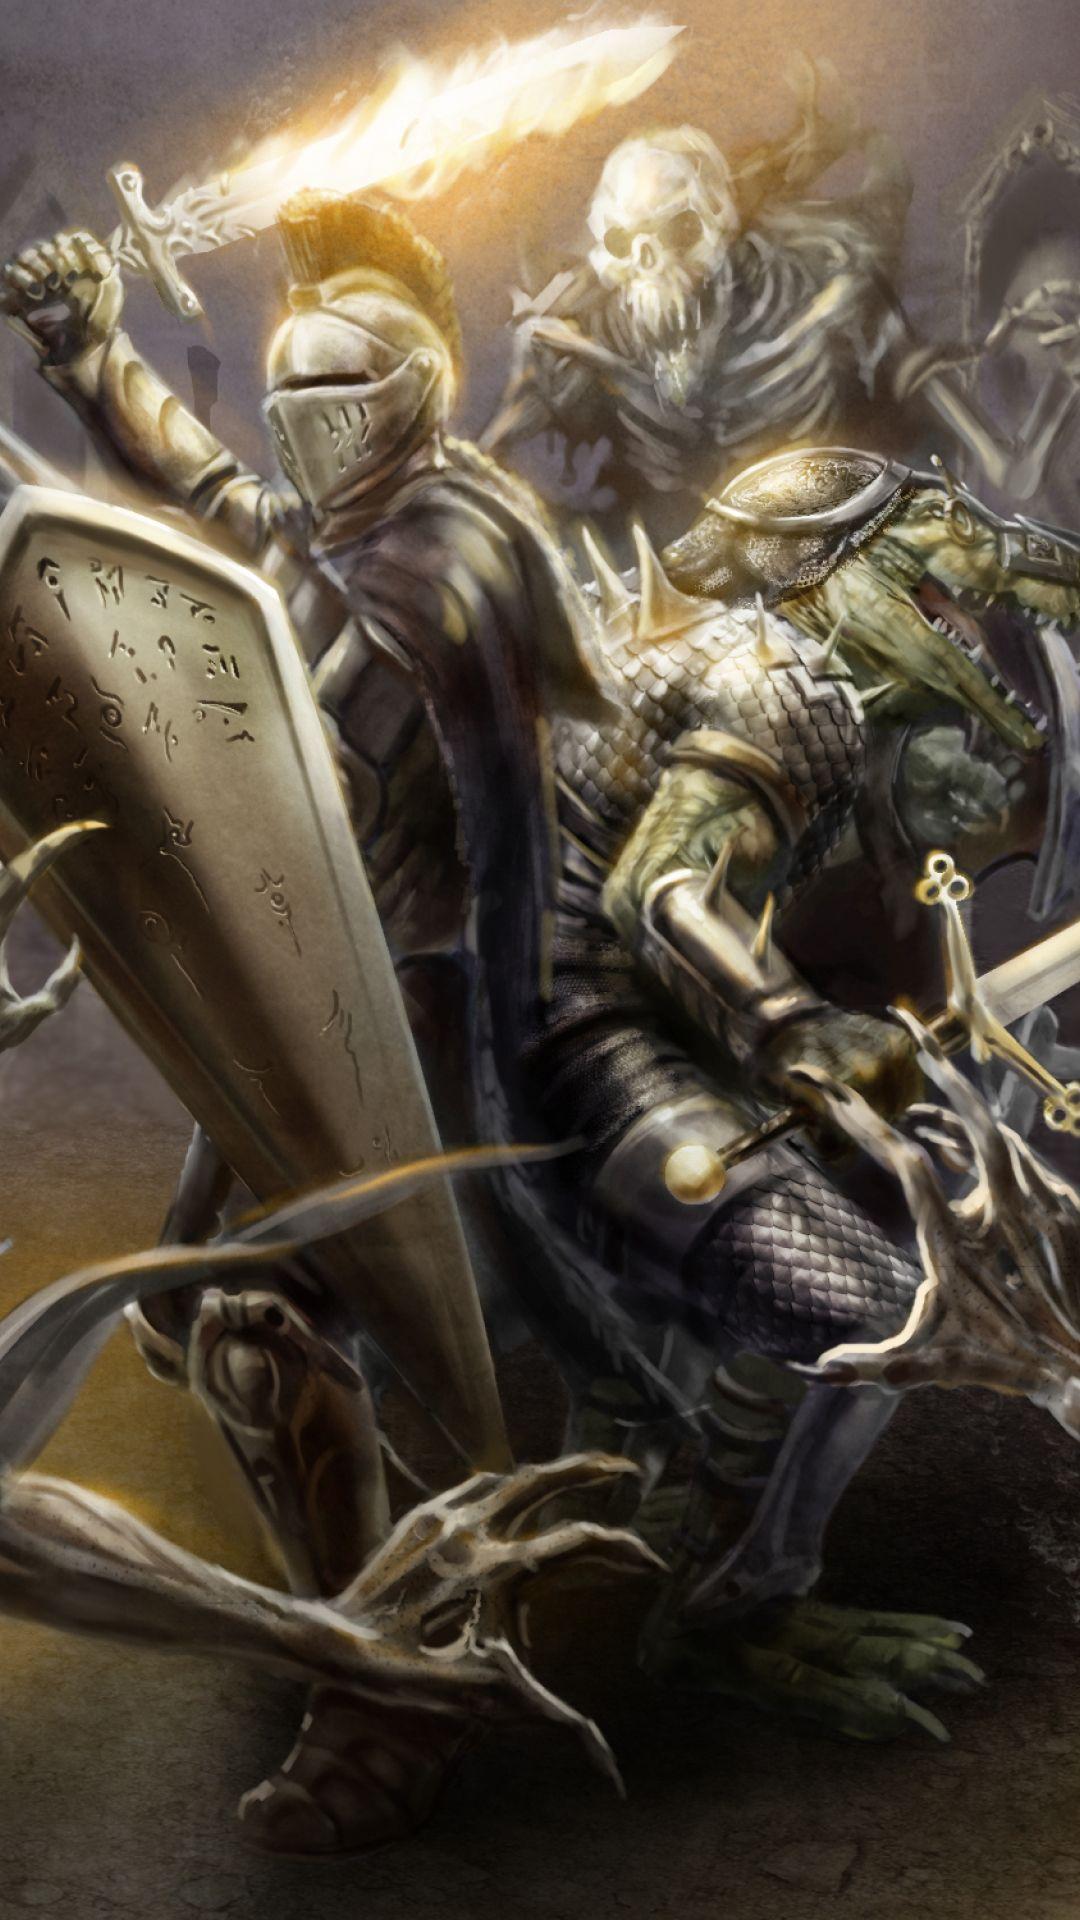 Knight, Armor, Helmet Resolution